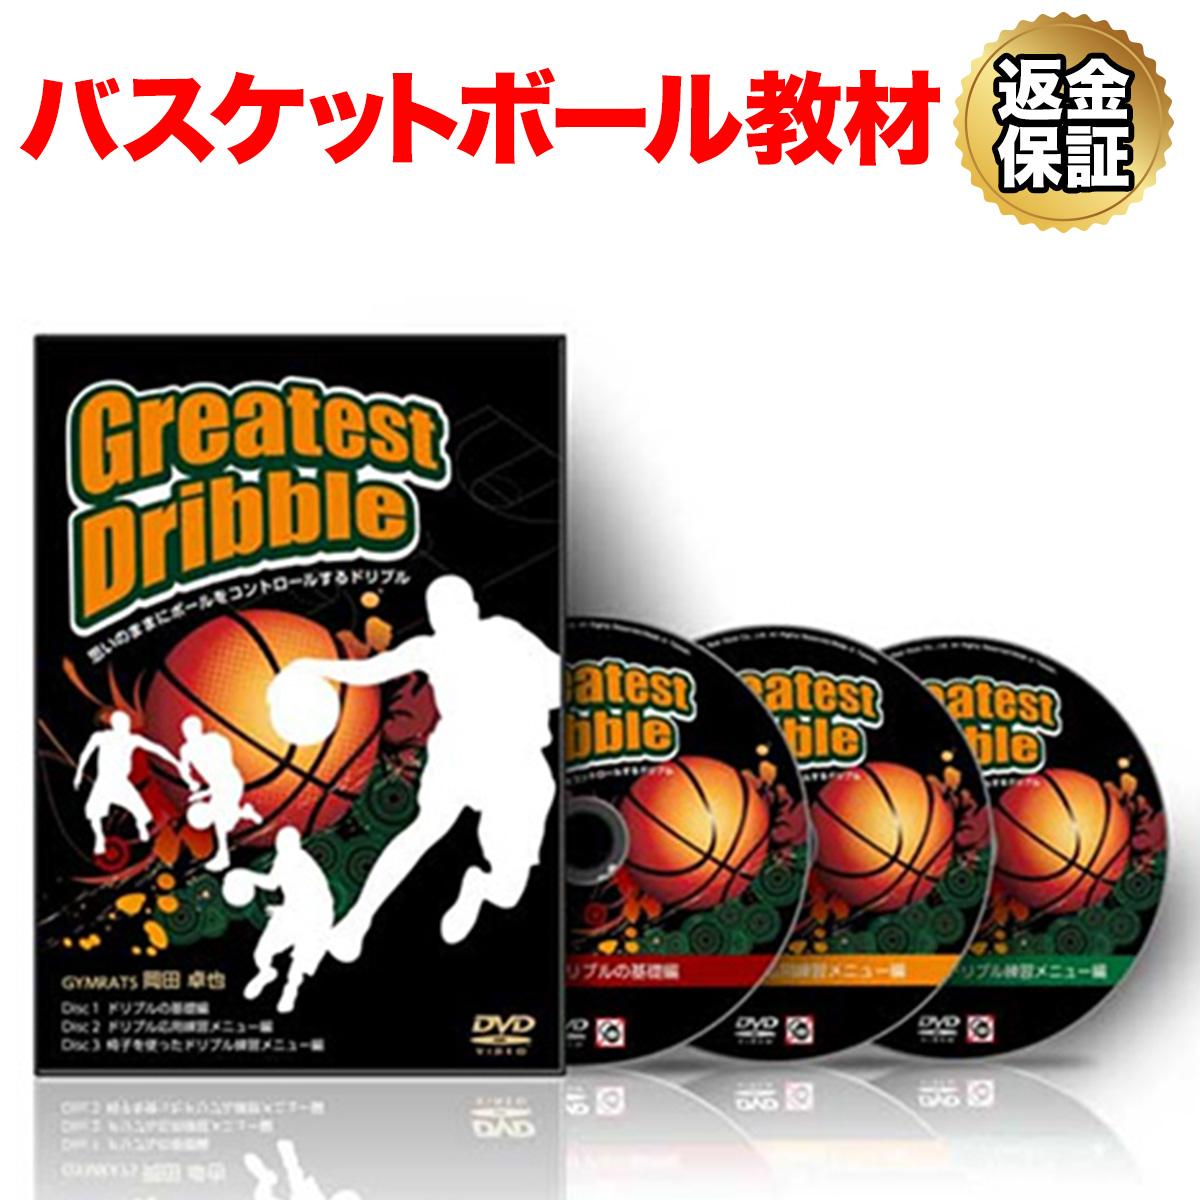 バスケットボール 教材 DVD Greatest Dribble